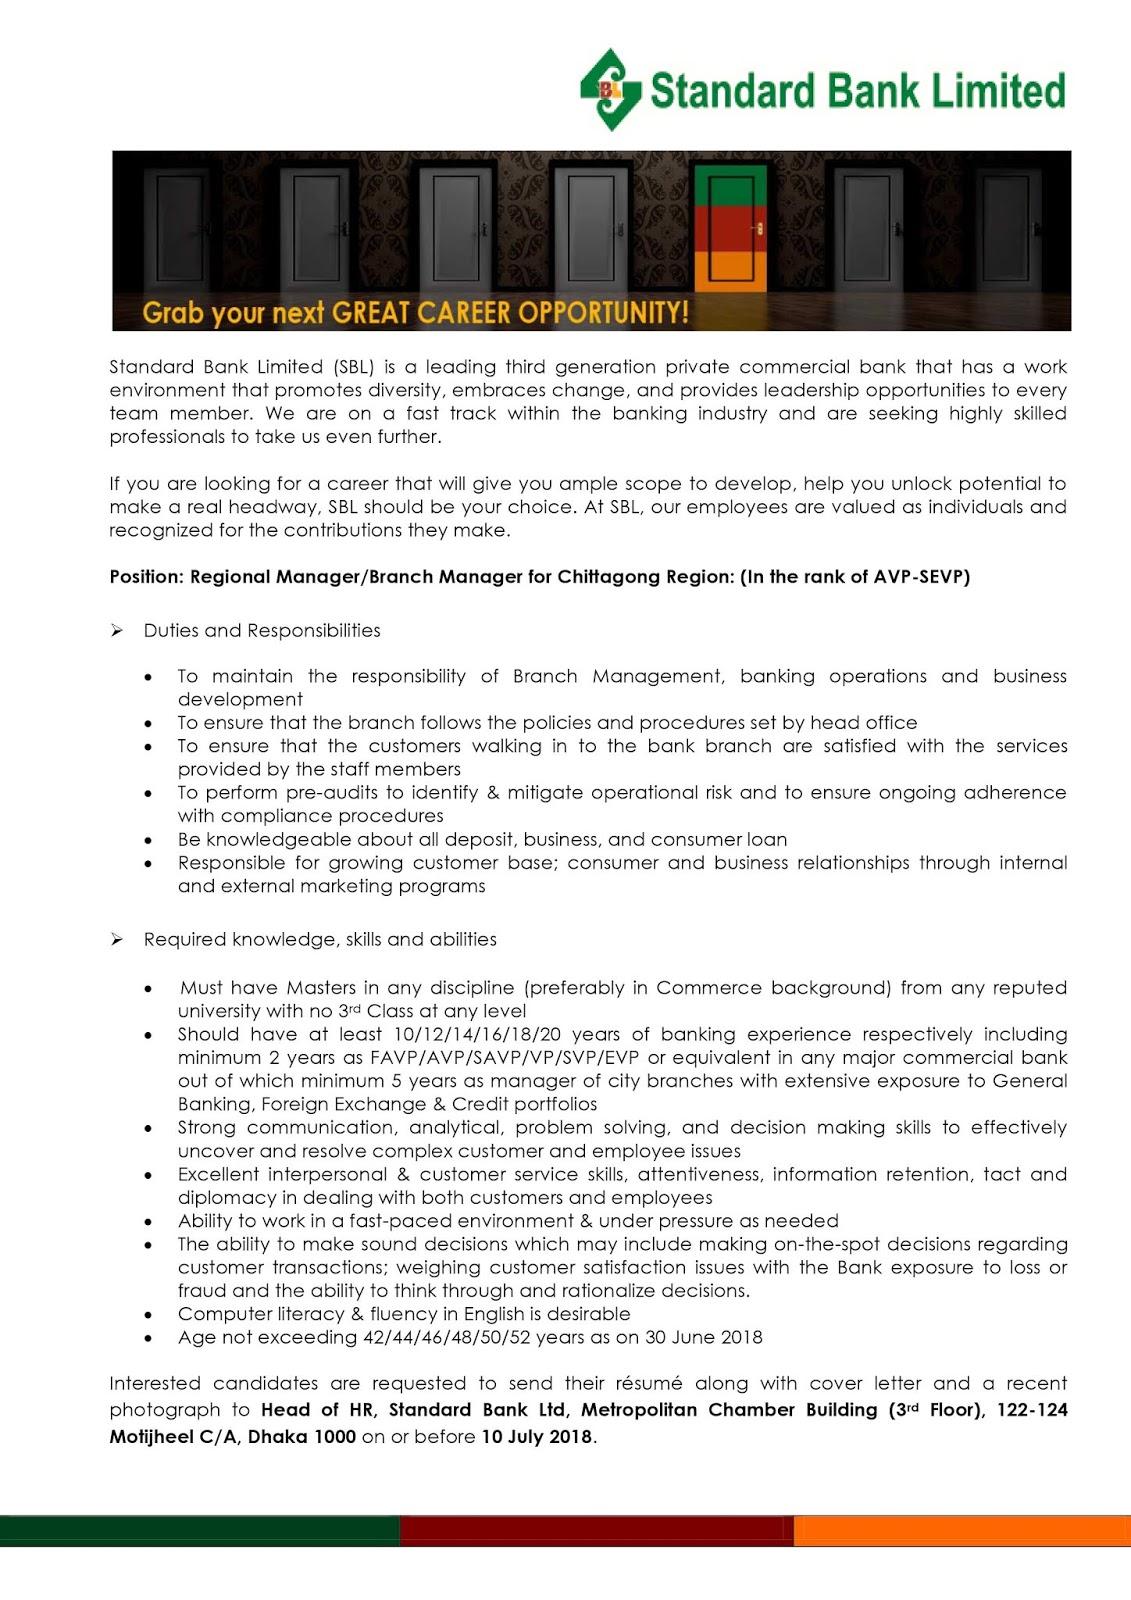 Standard Bank job circular -2018